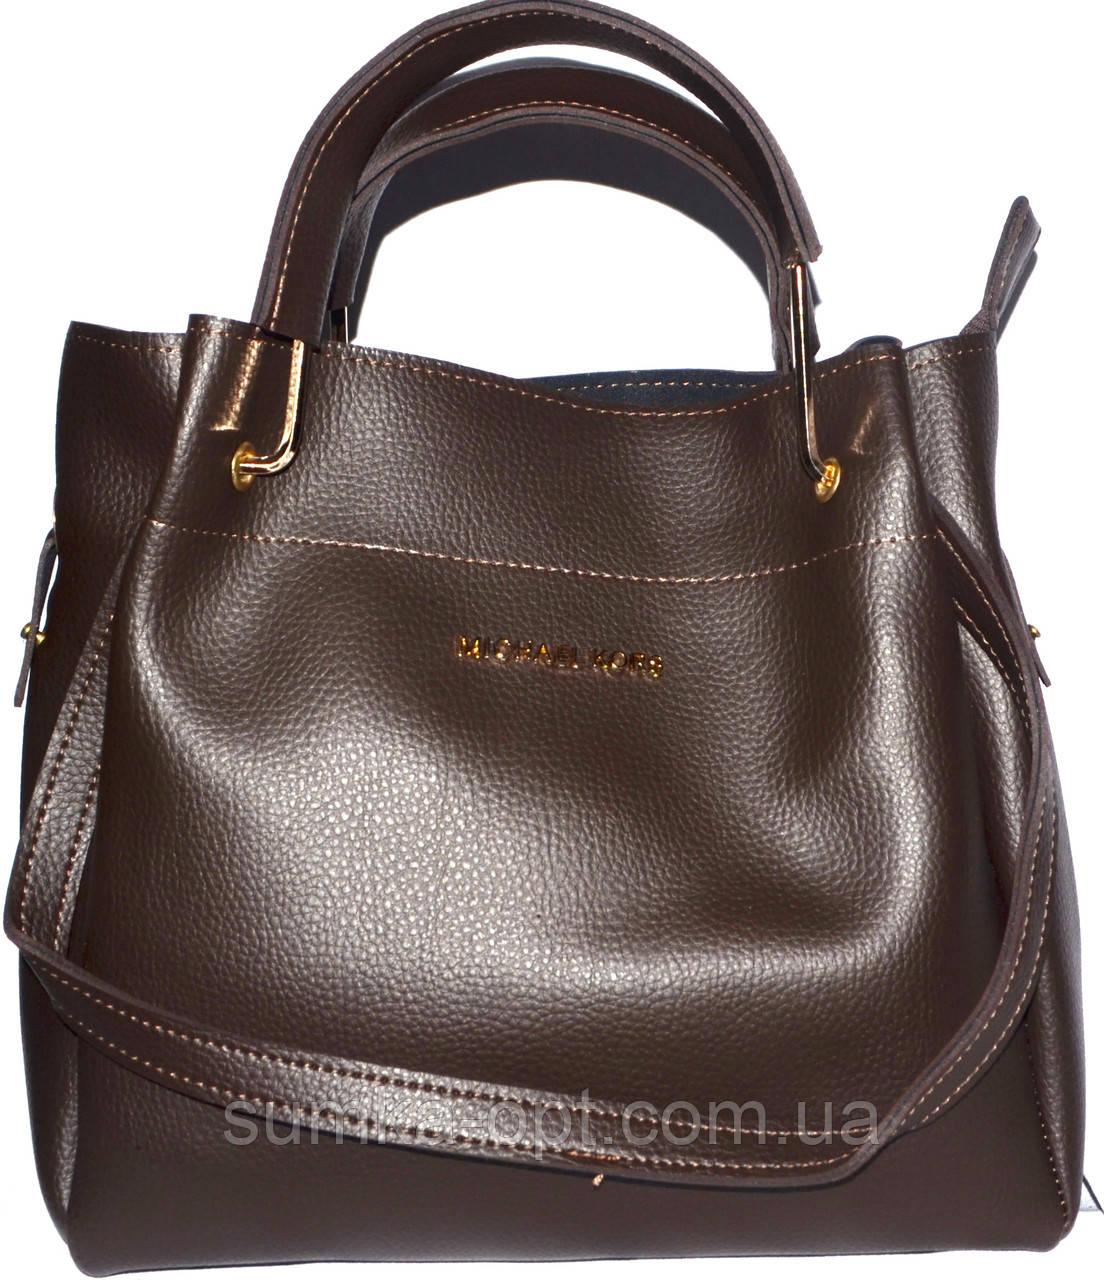 Женские сумки эко кожа 2-в-1 (каштан)30 33 - 89ef1618aa60a